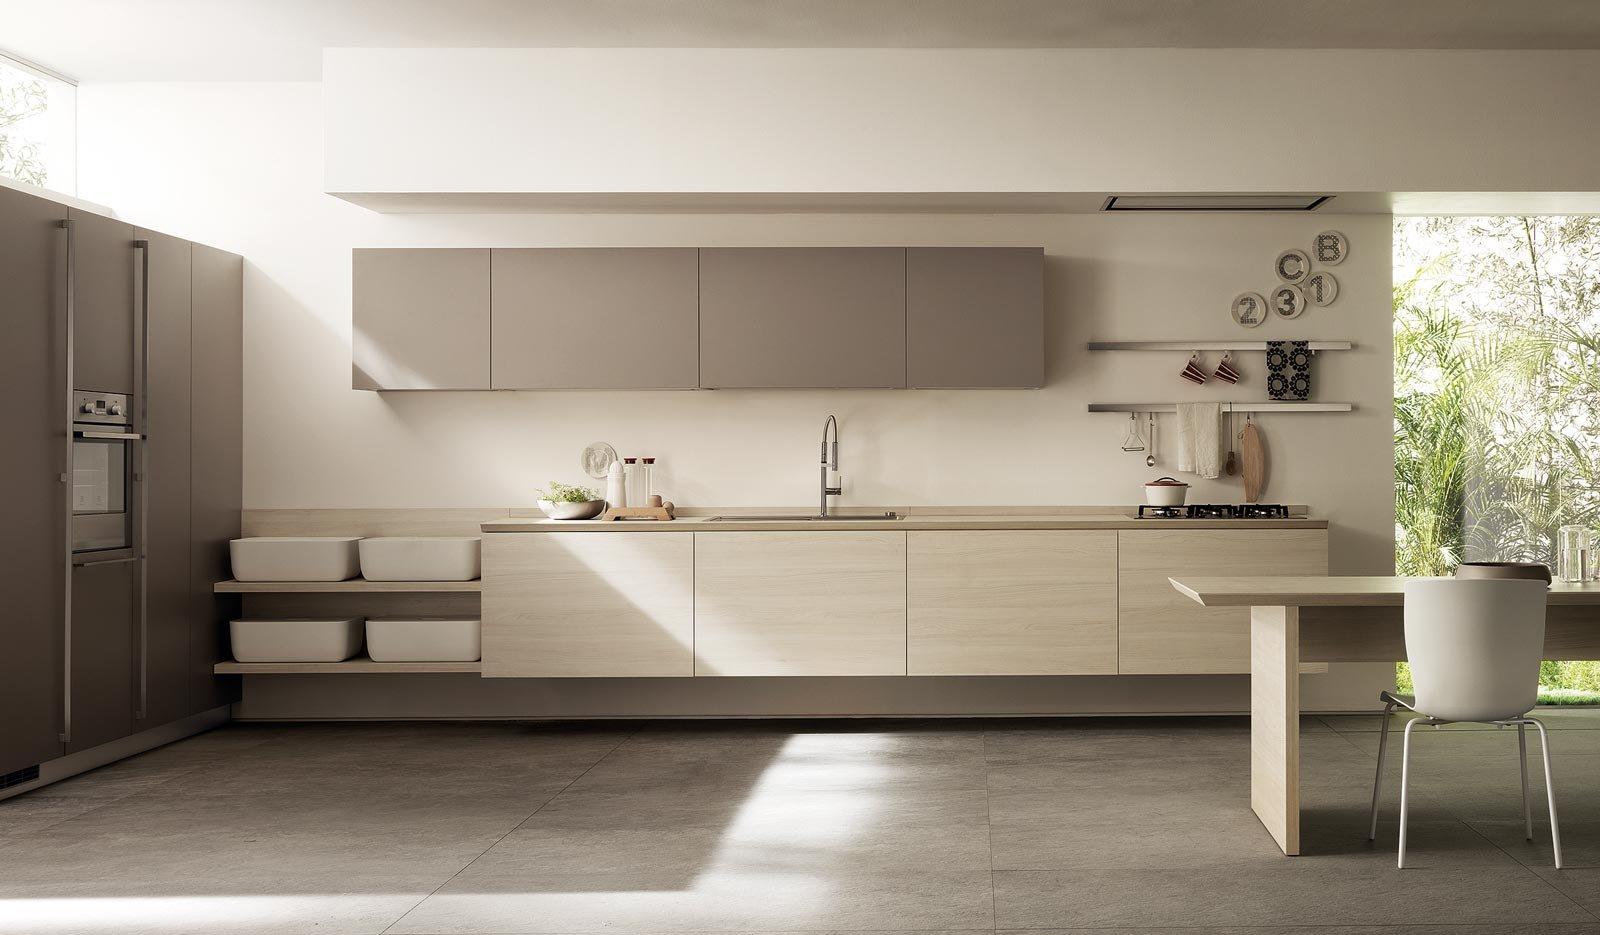 Cucina senza maniglie si apre con le gole cose di casa - Maniglie cucina scavolini ...